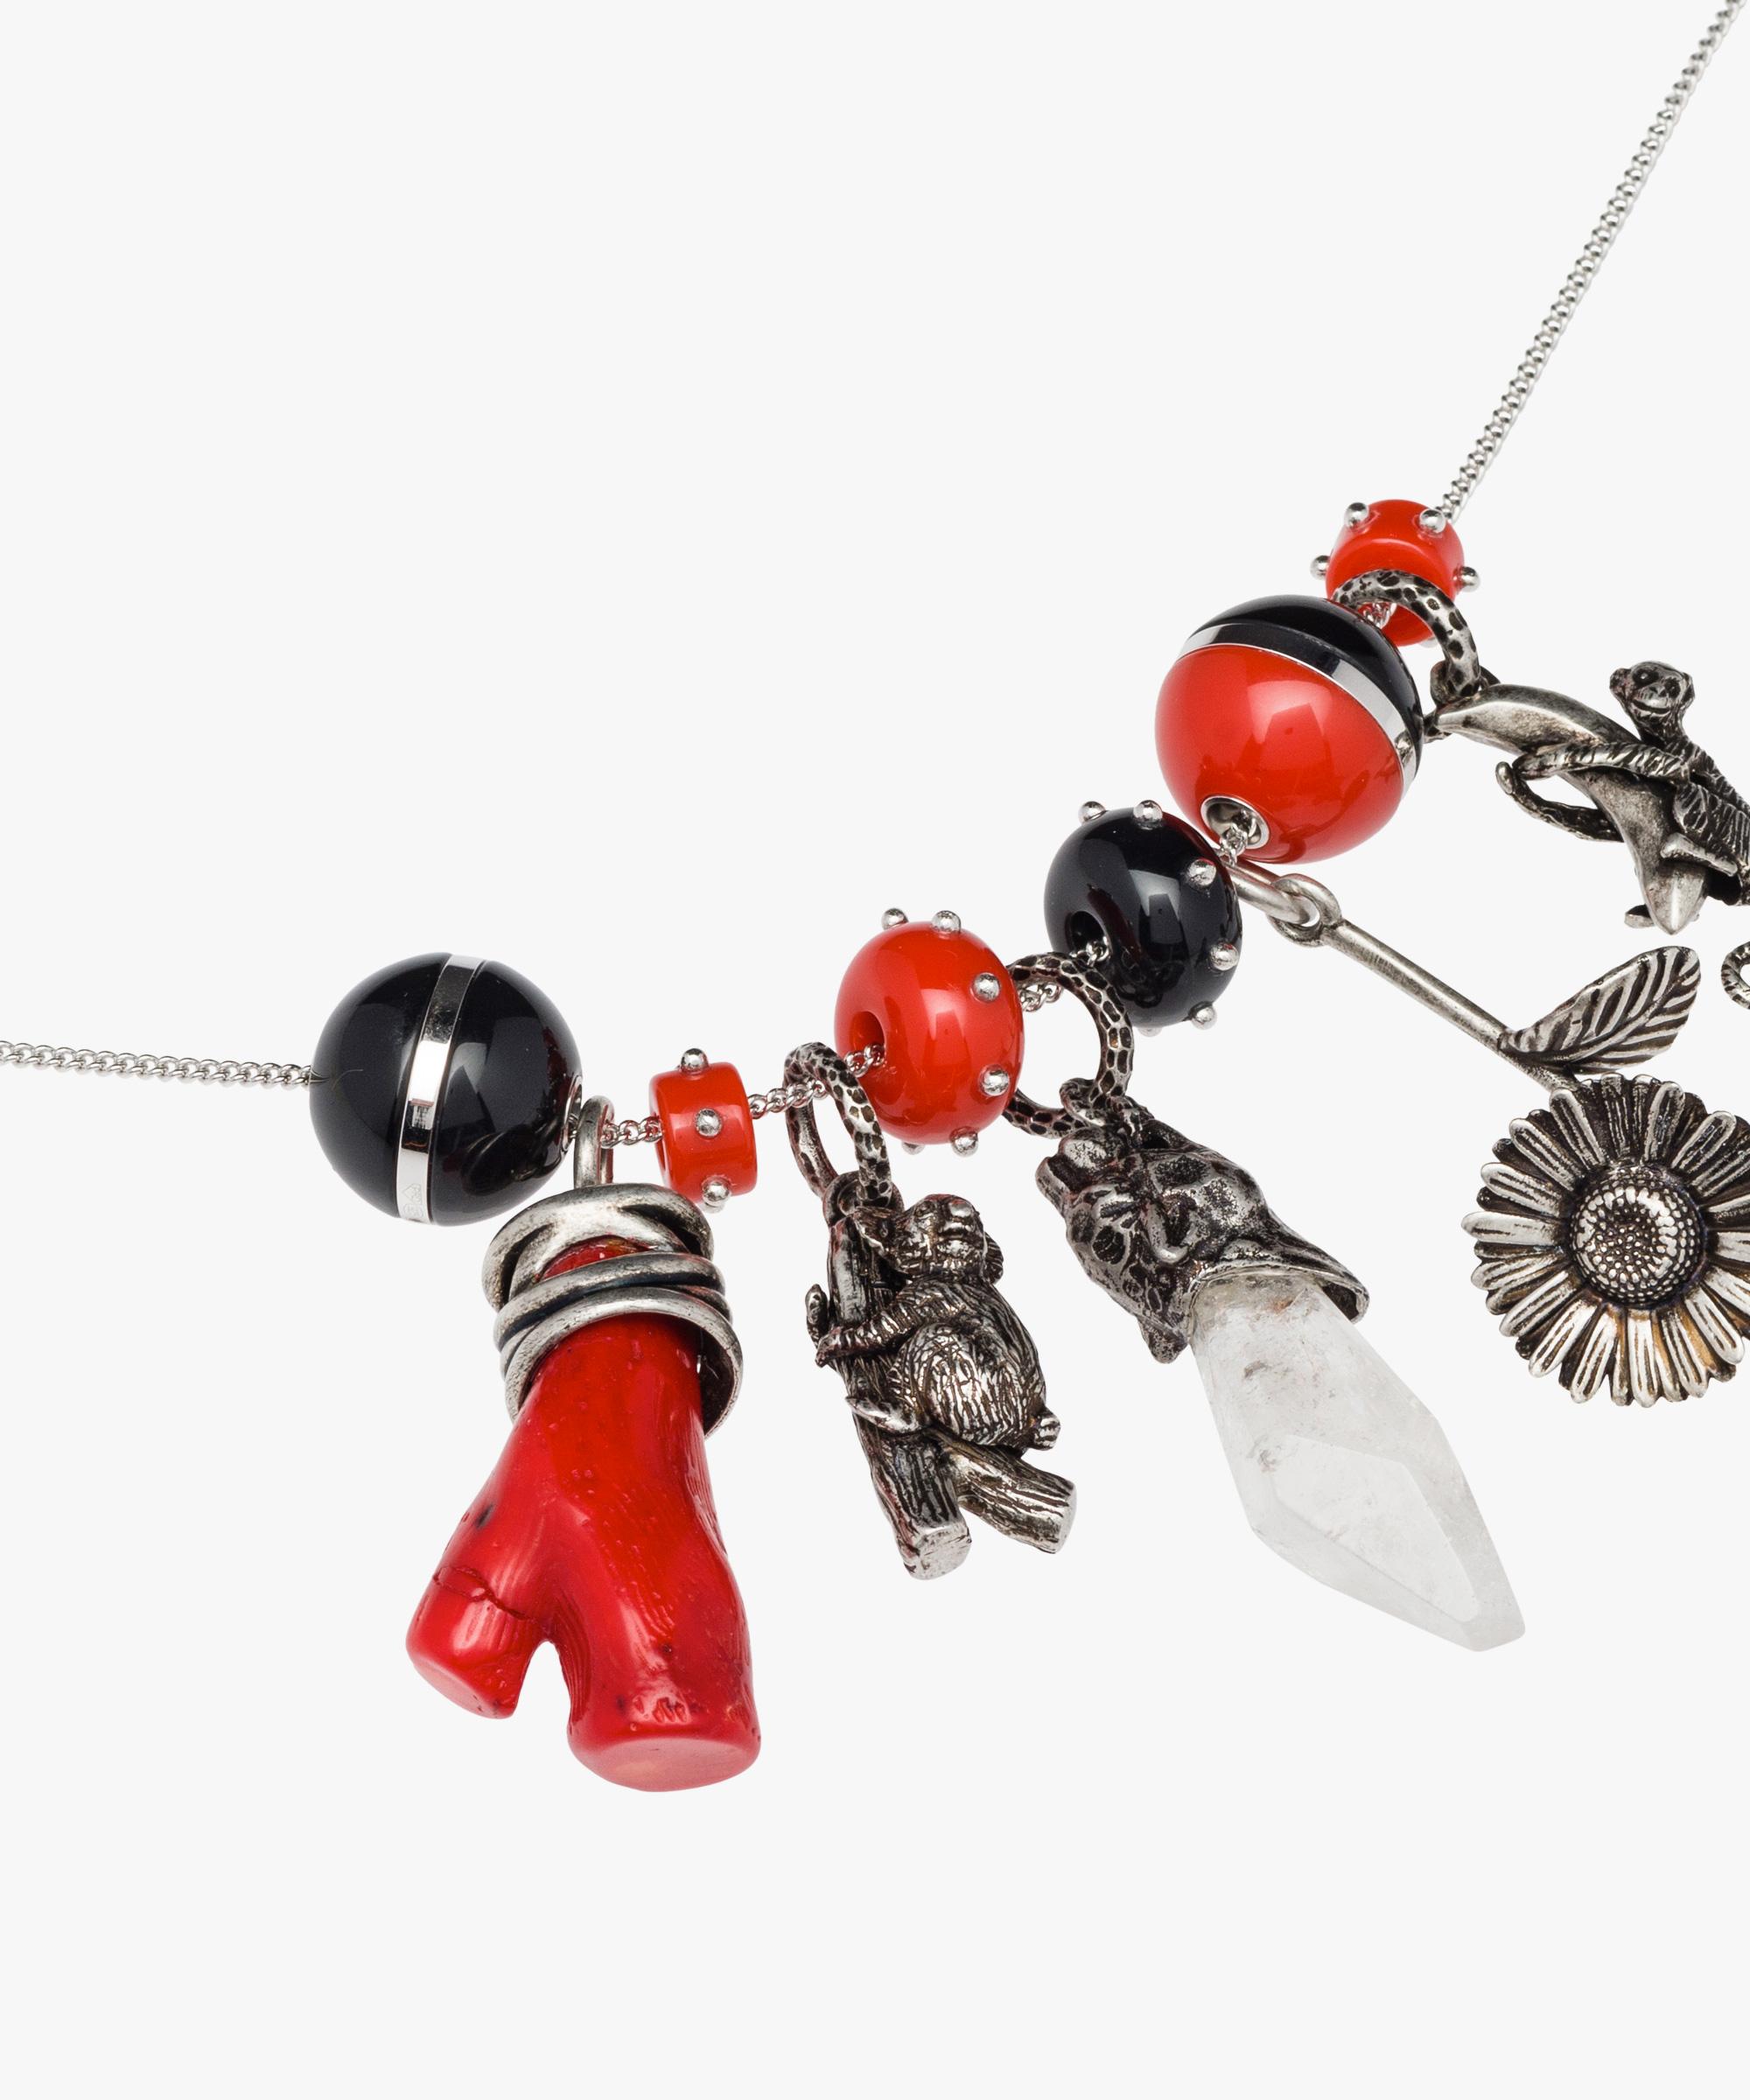 Prada Prada Talisman Plexiglas Necklace fbSmWtAvlf